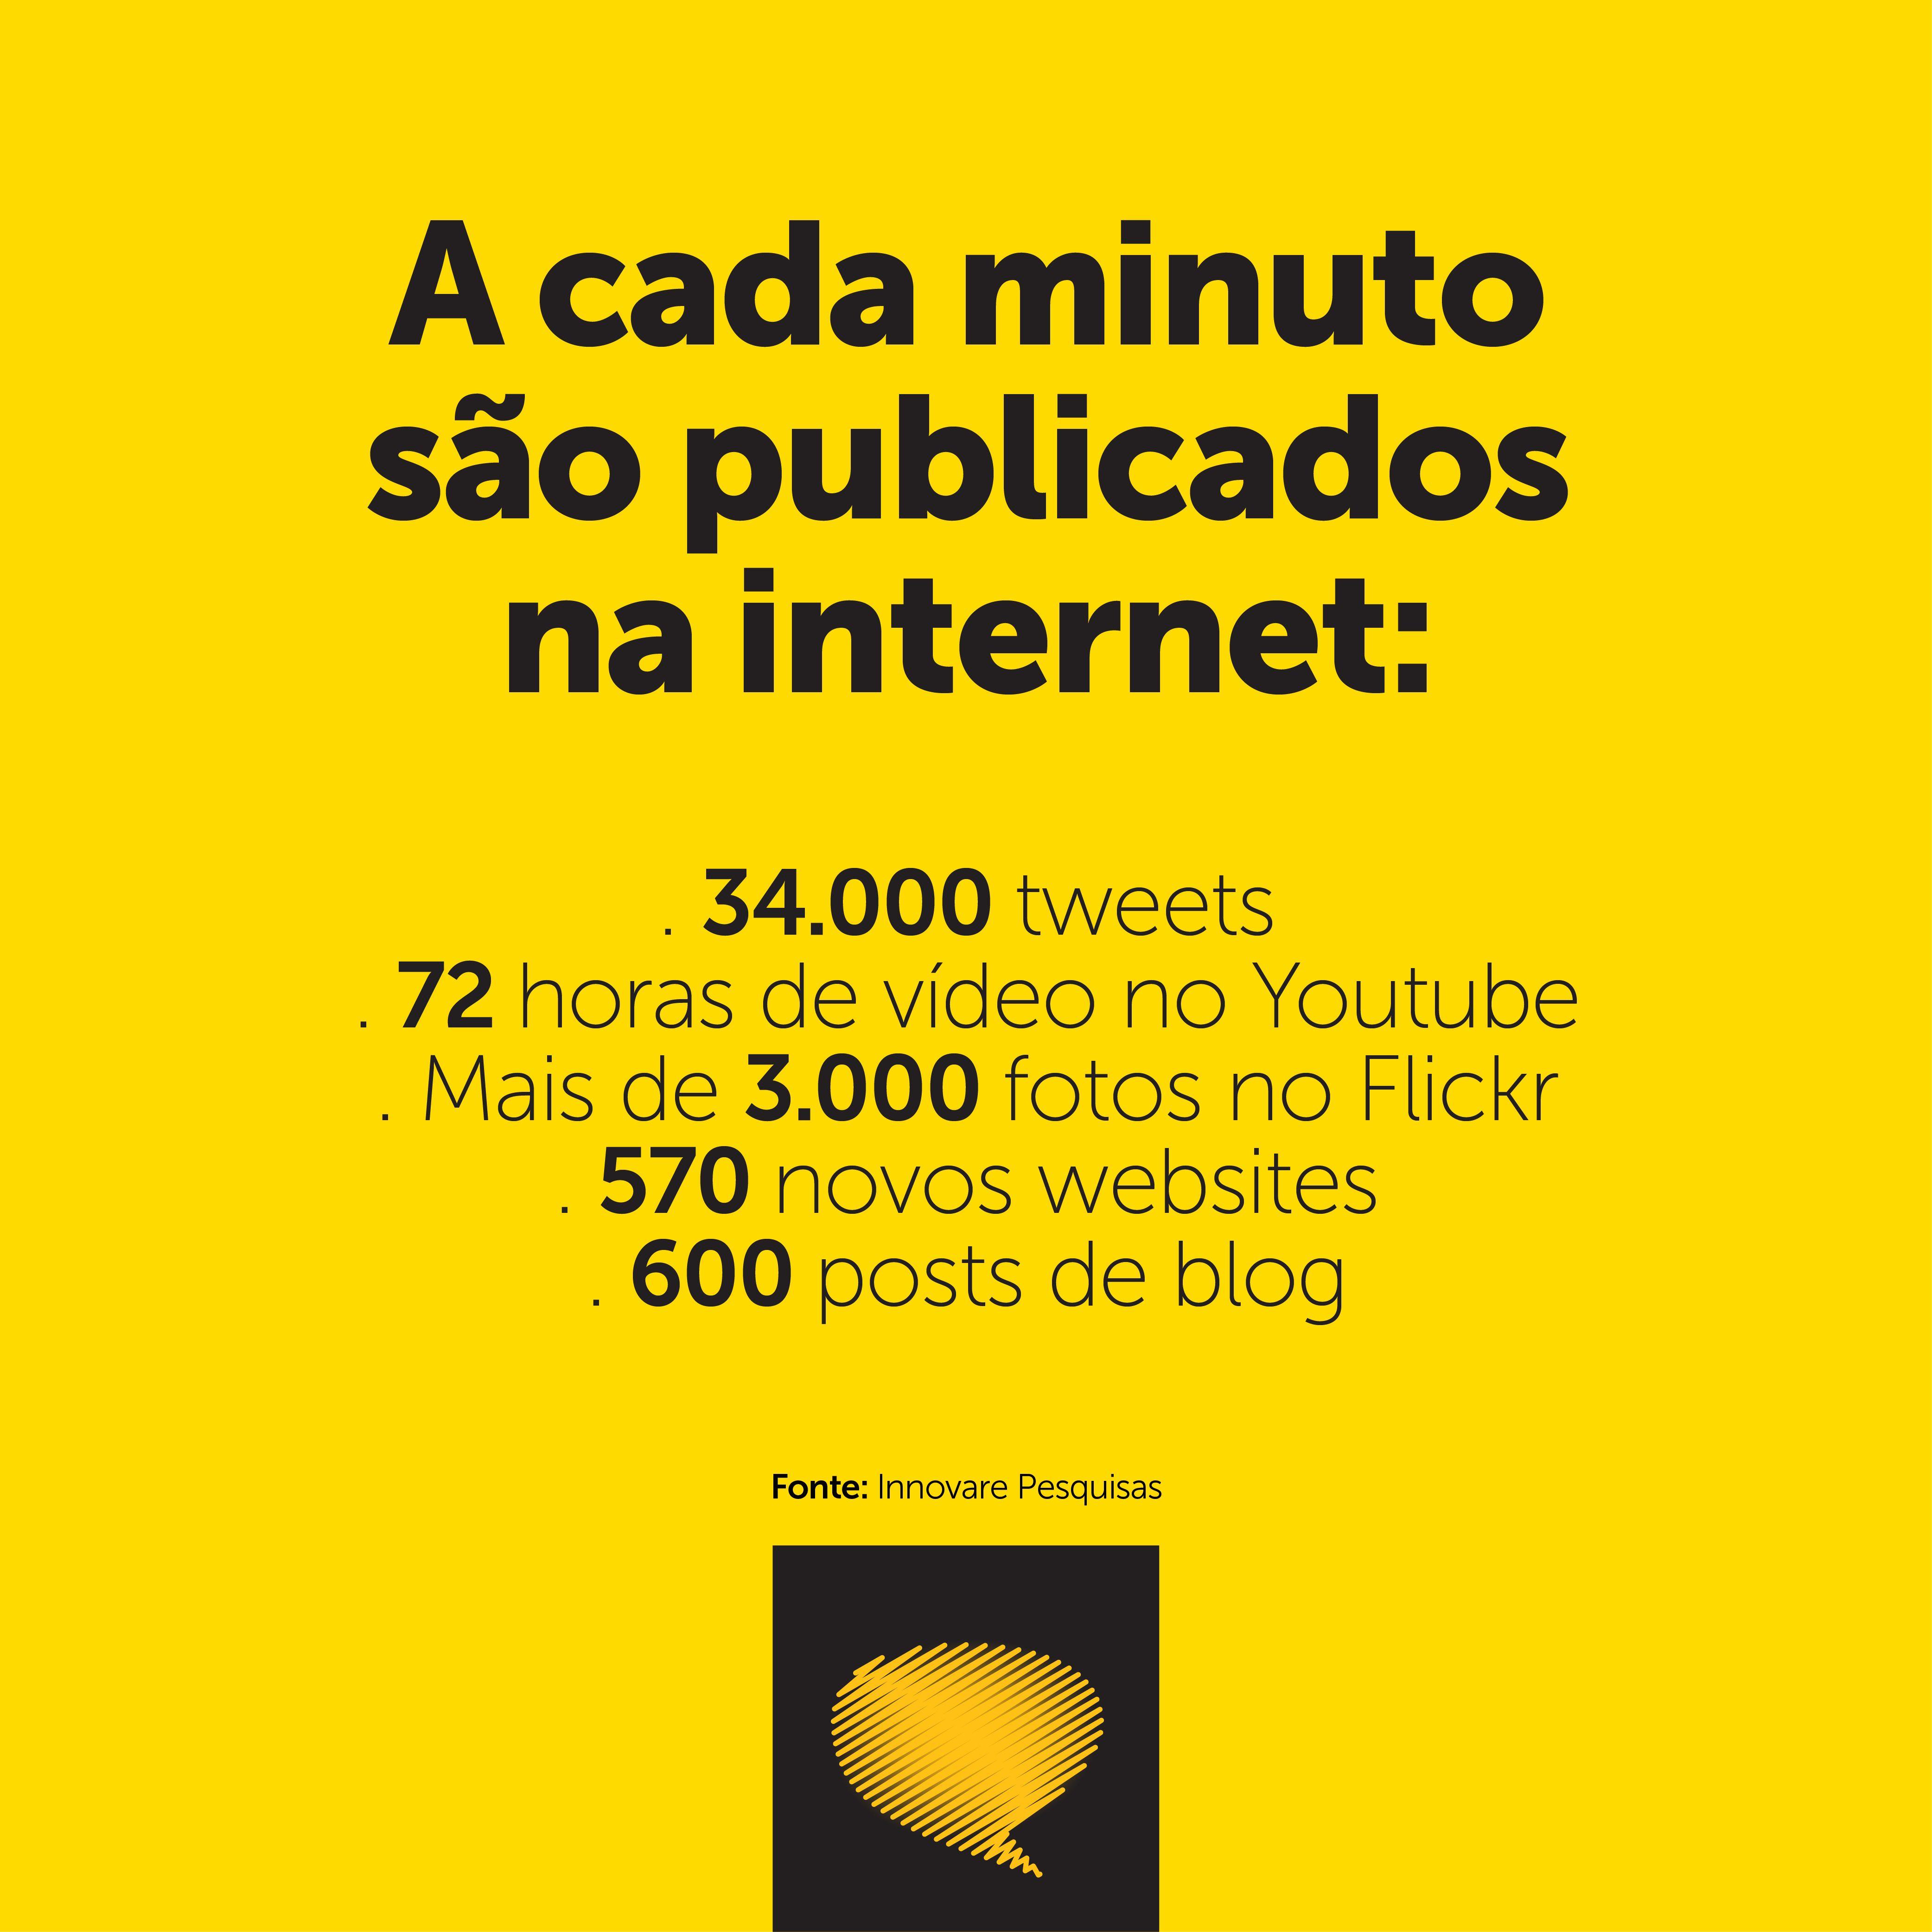 Quando o assunto é mídia digital, os números falam por si só!